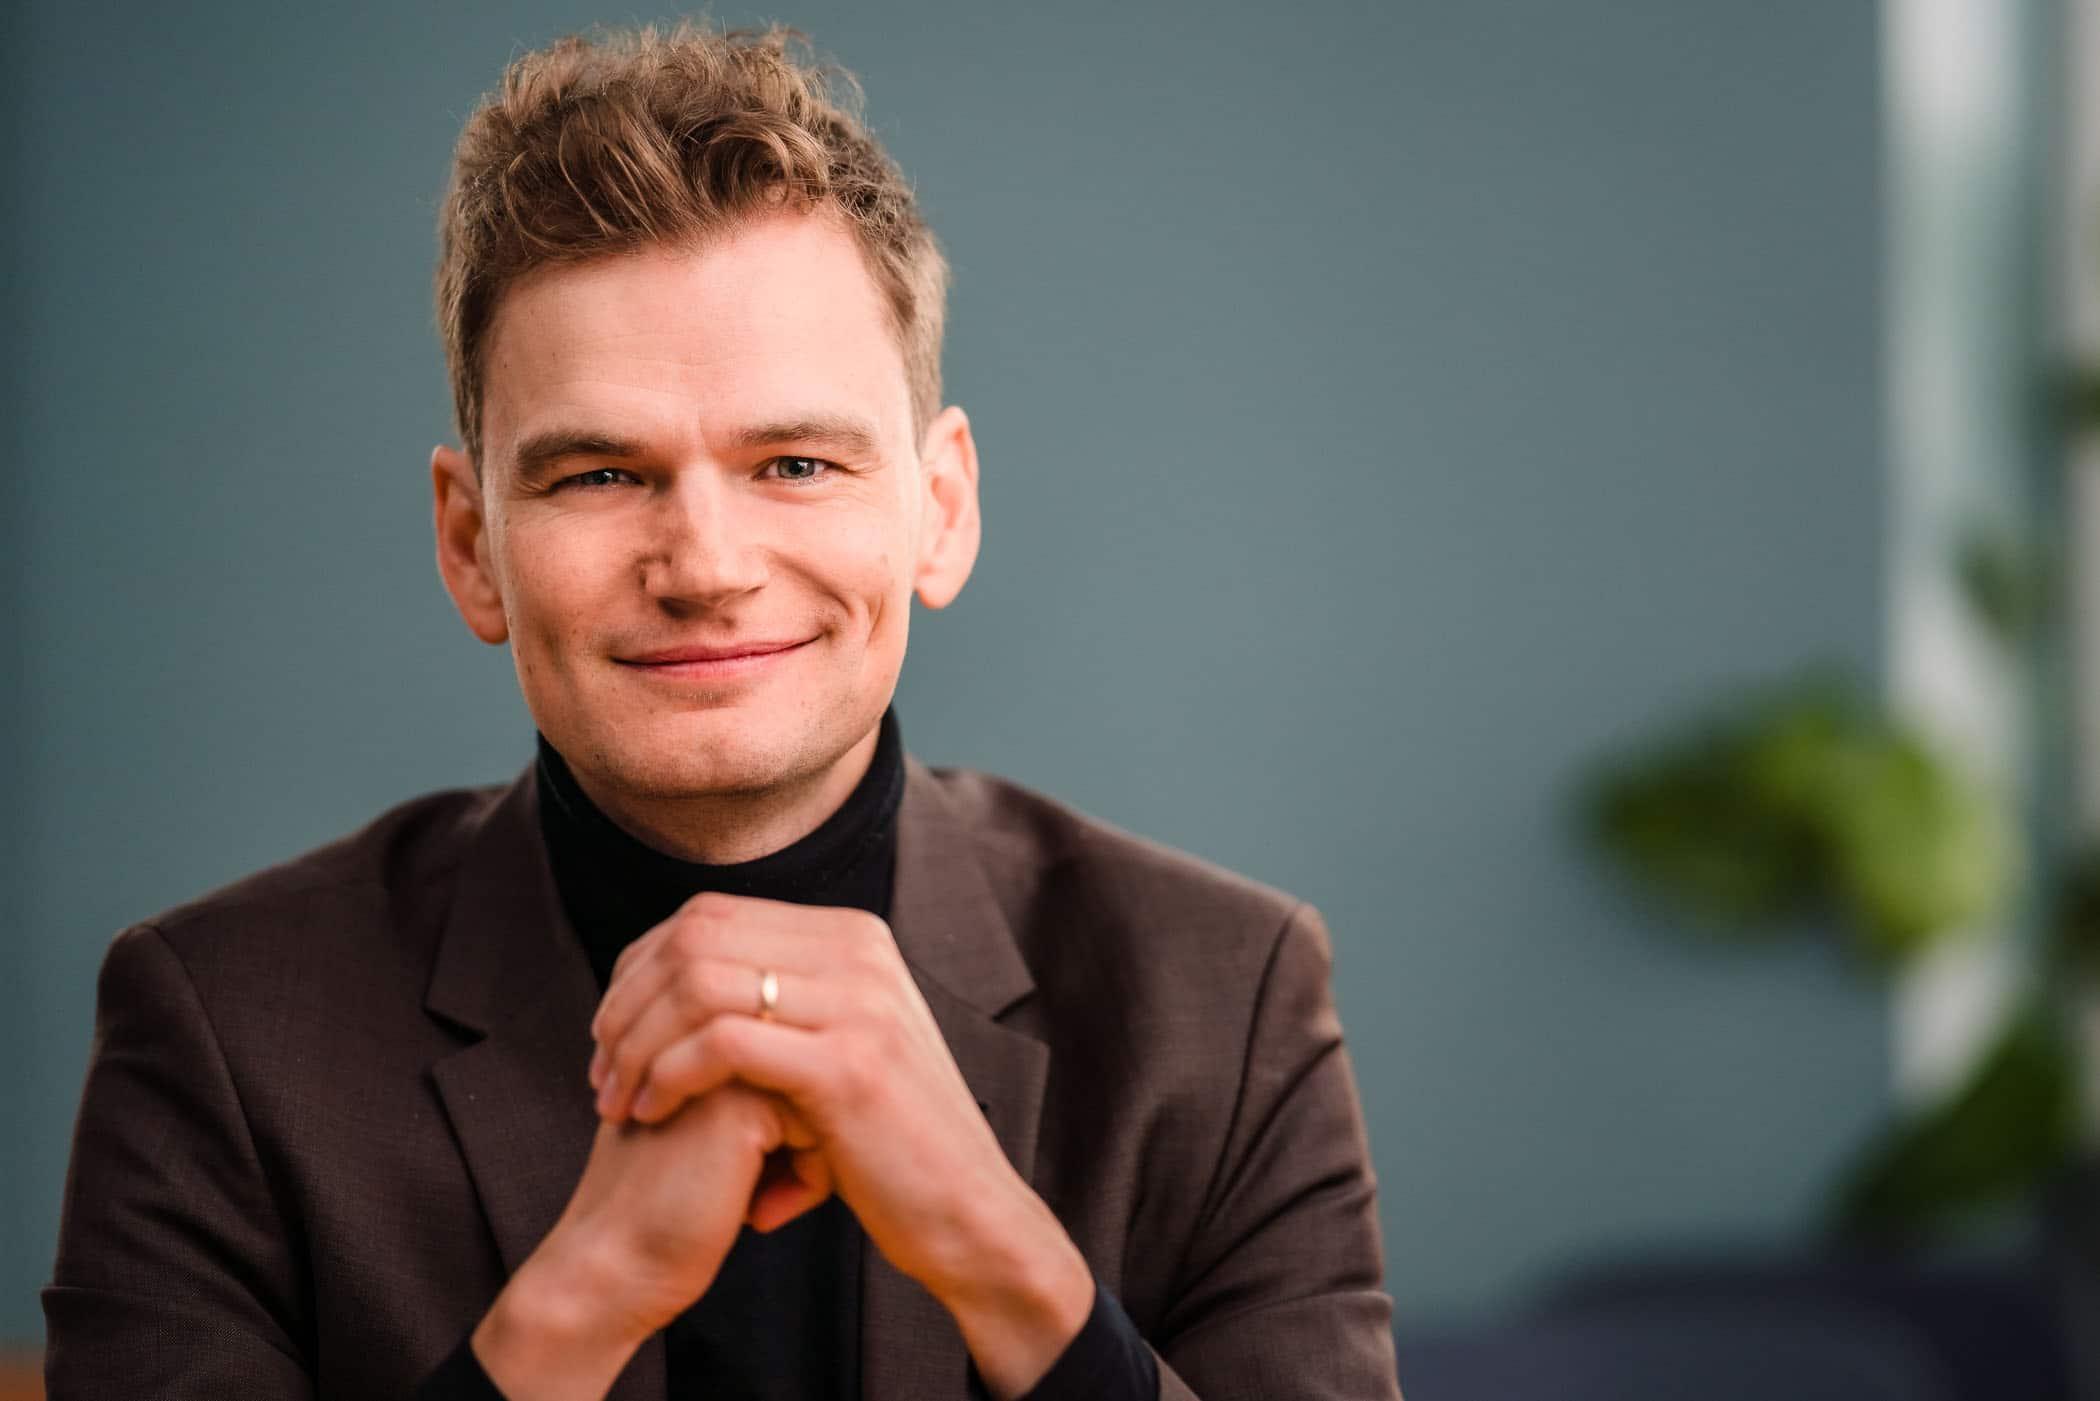 Co-founder Diominic Von Martens